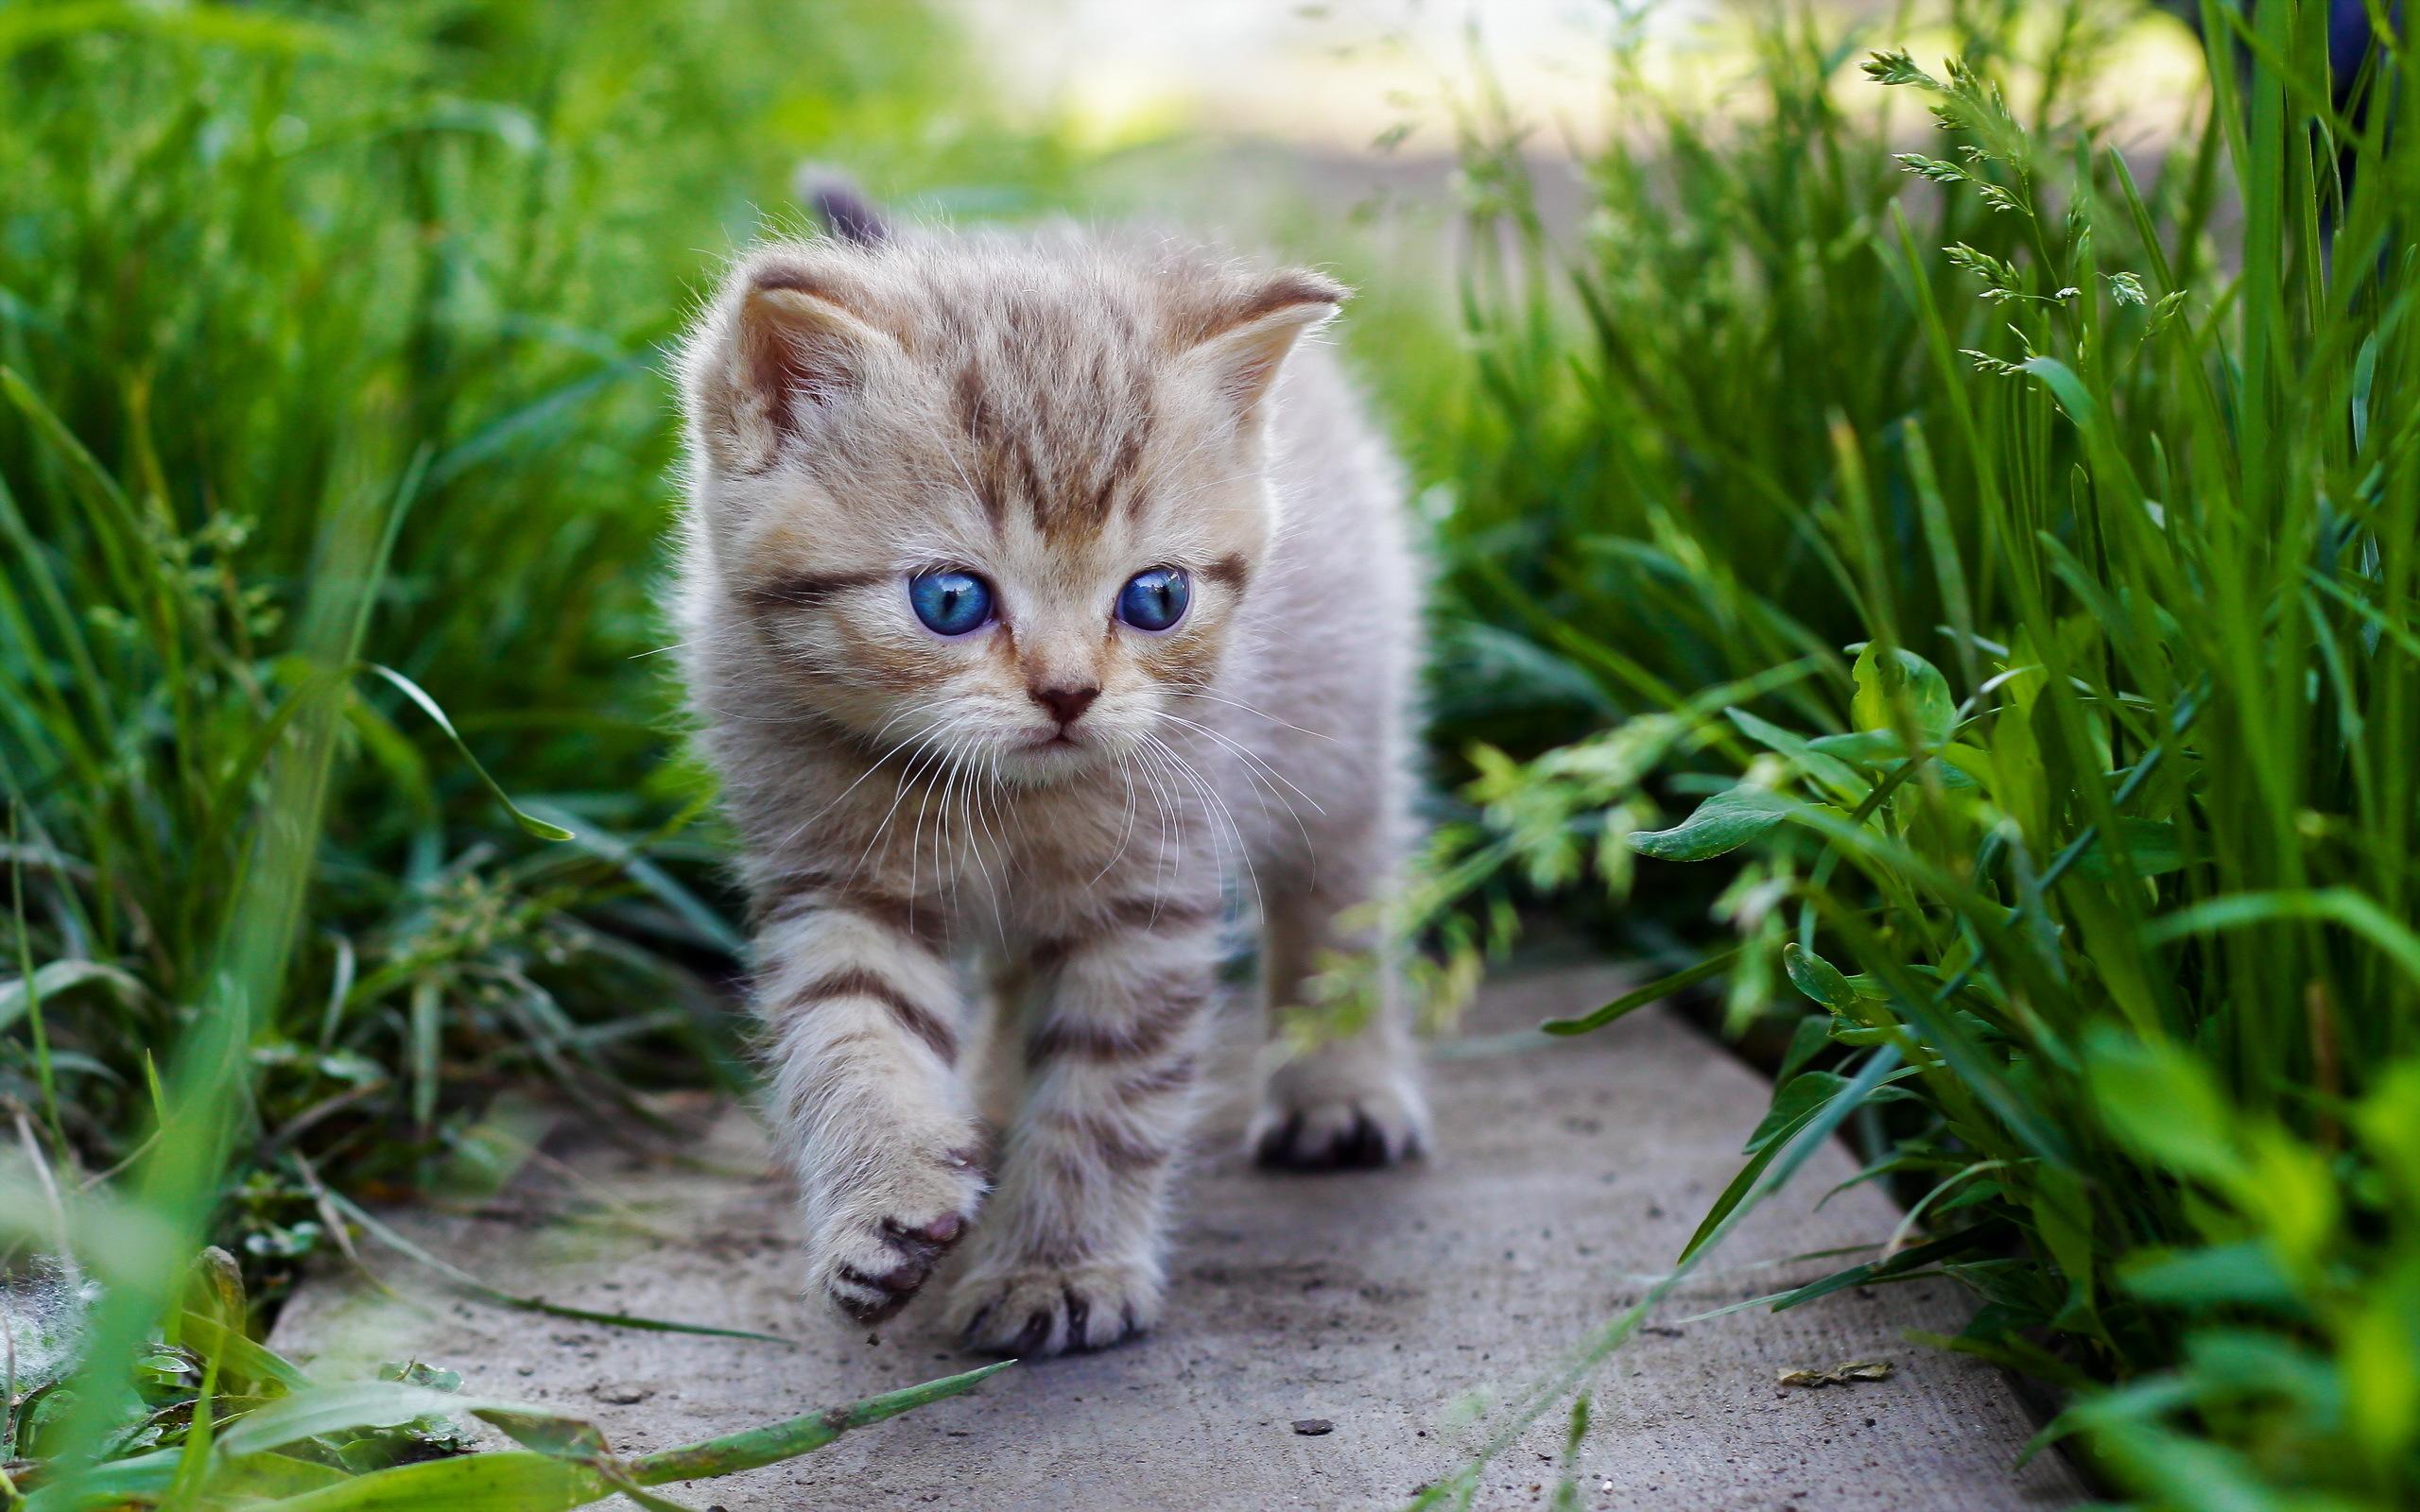 Wallpaper 2560x1600 Px Animals Baby Cat Cats Cute Eyes Grass Kitten Kittens 2560x1600 Goodfon 1903375 Hd Wallpapers Wallhere